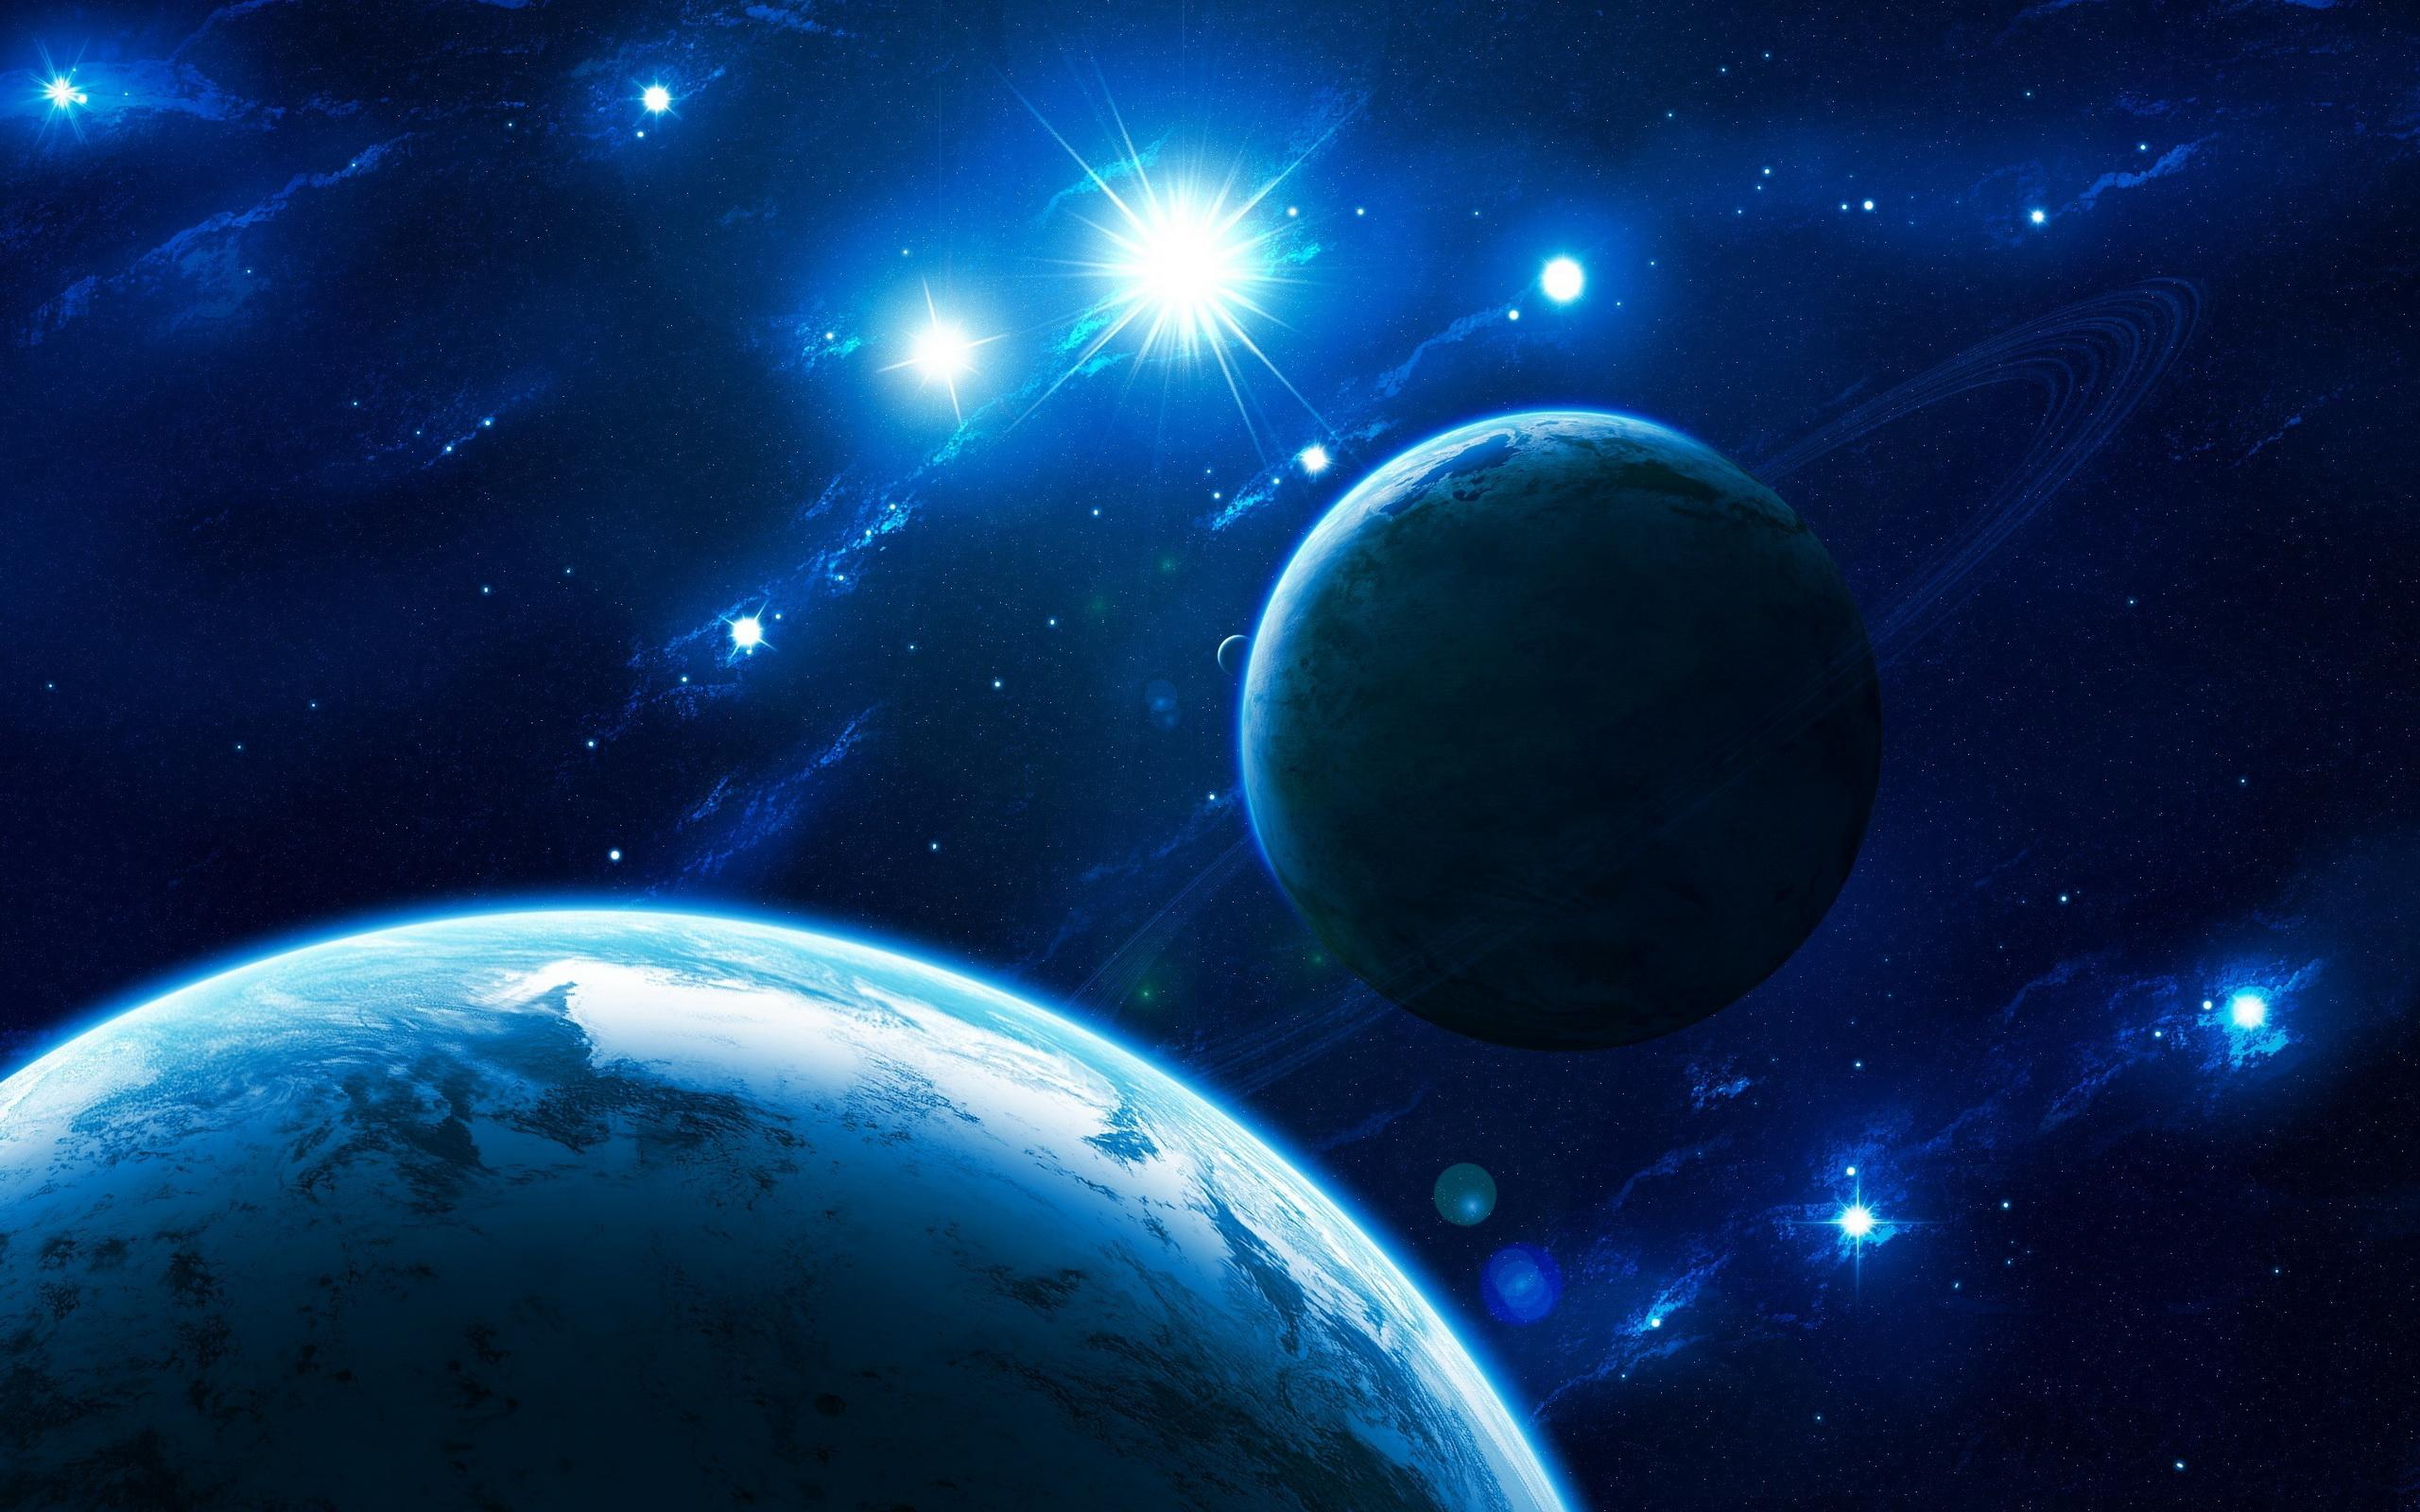 Астрономы обнаружили странную спаренную звезду